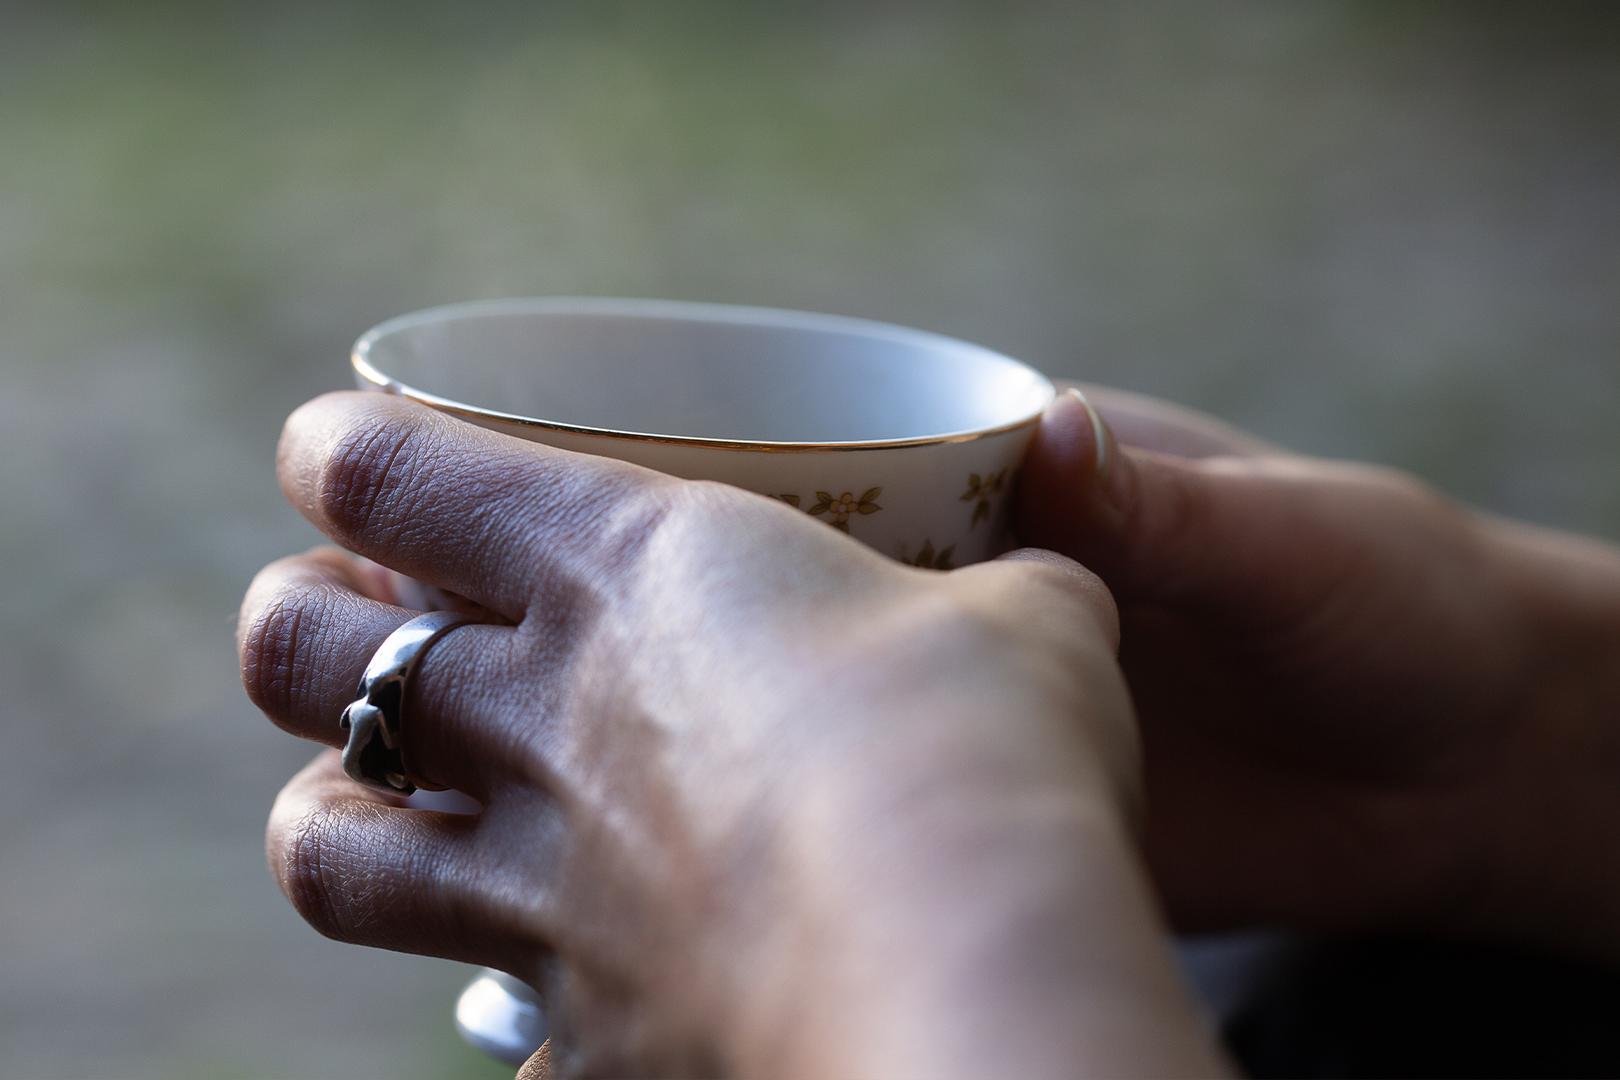 Lieber Kaffee in der Hand als Tee auf dem Herd